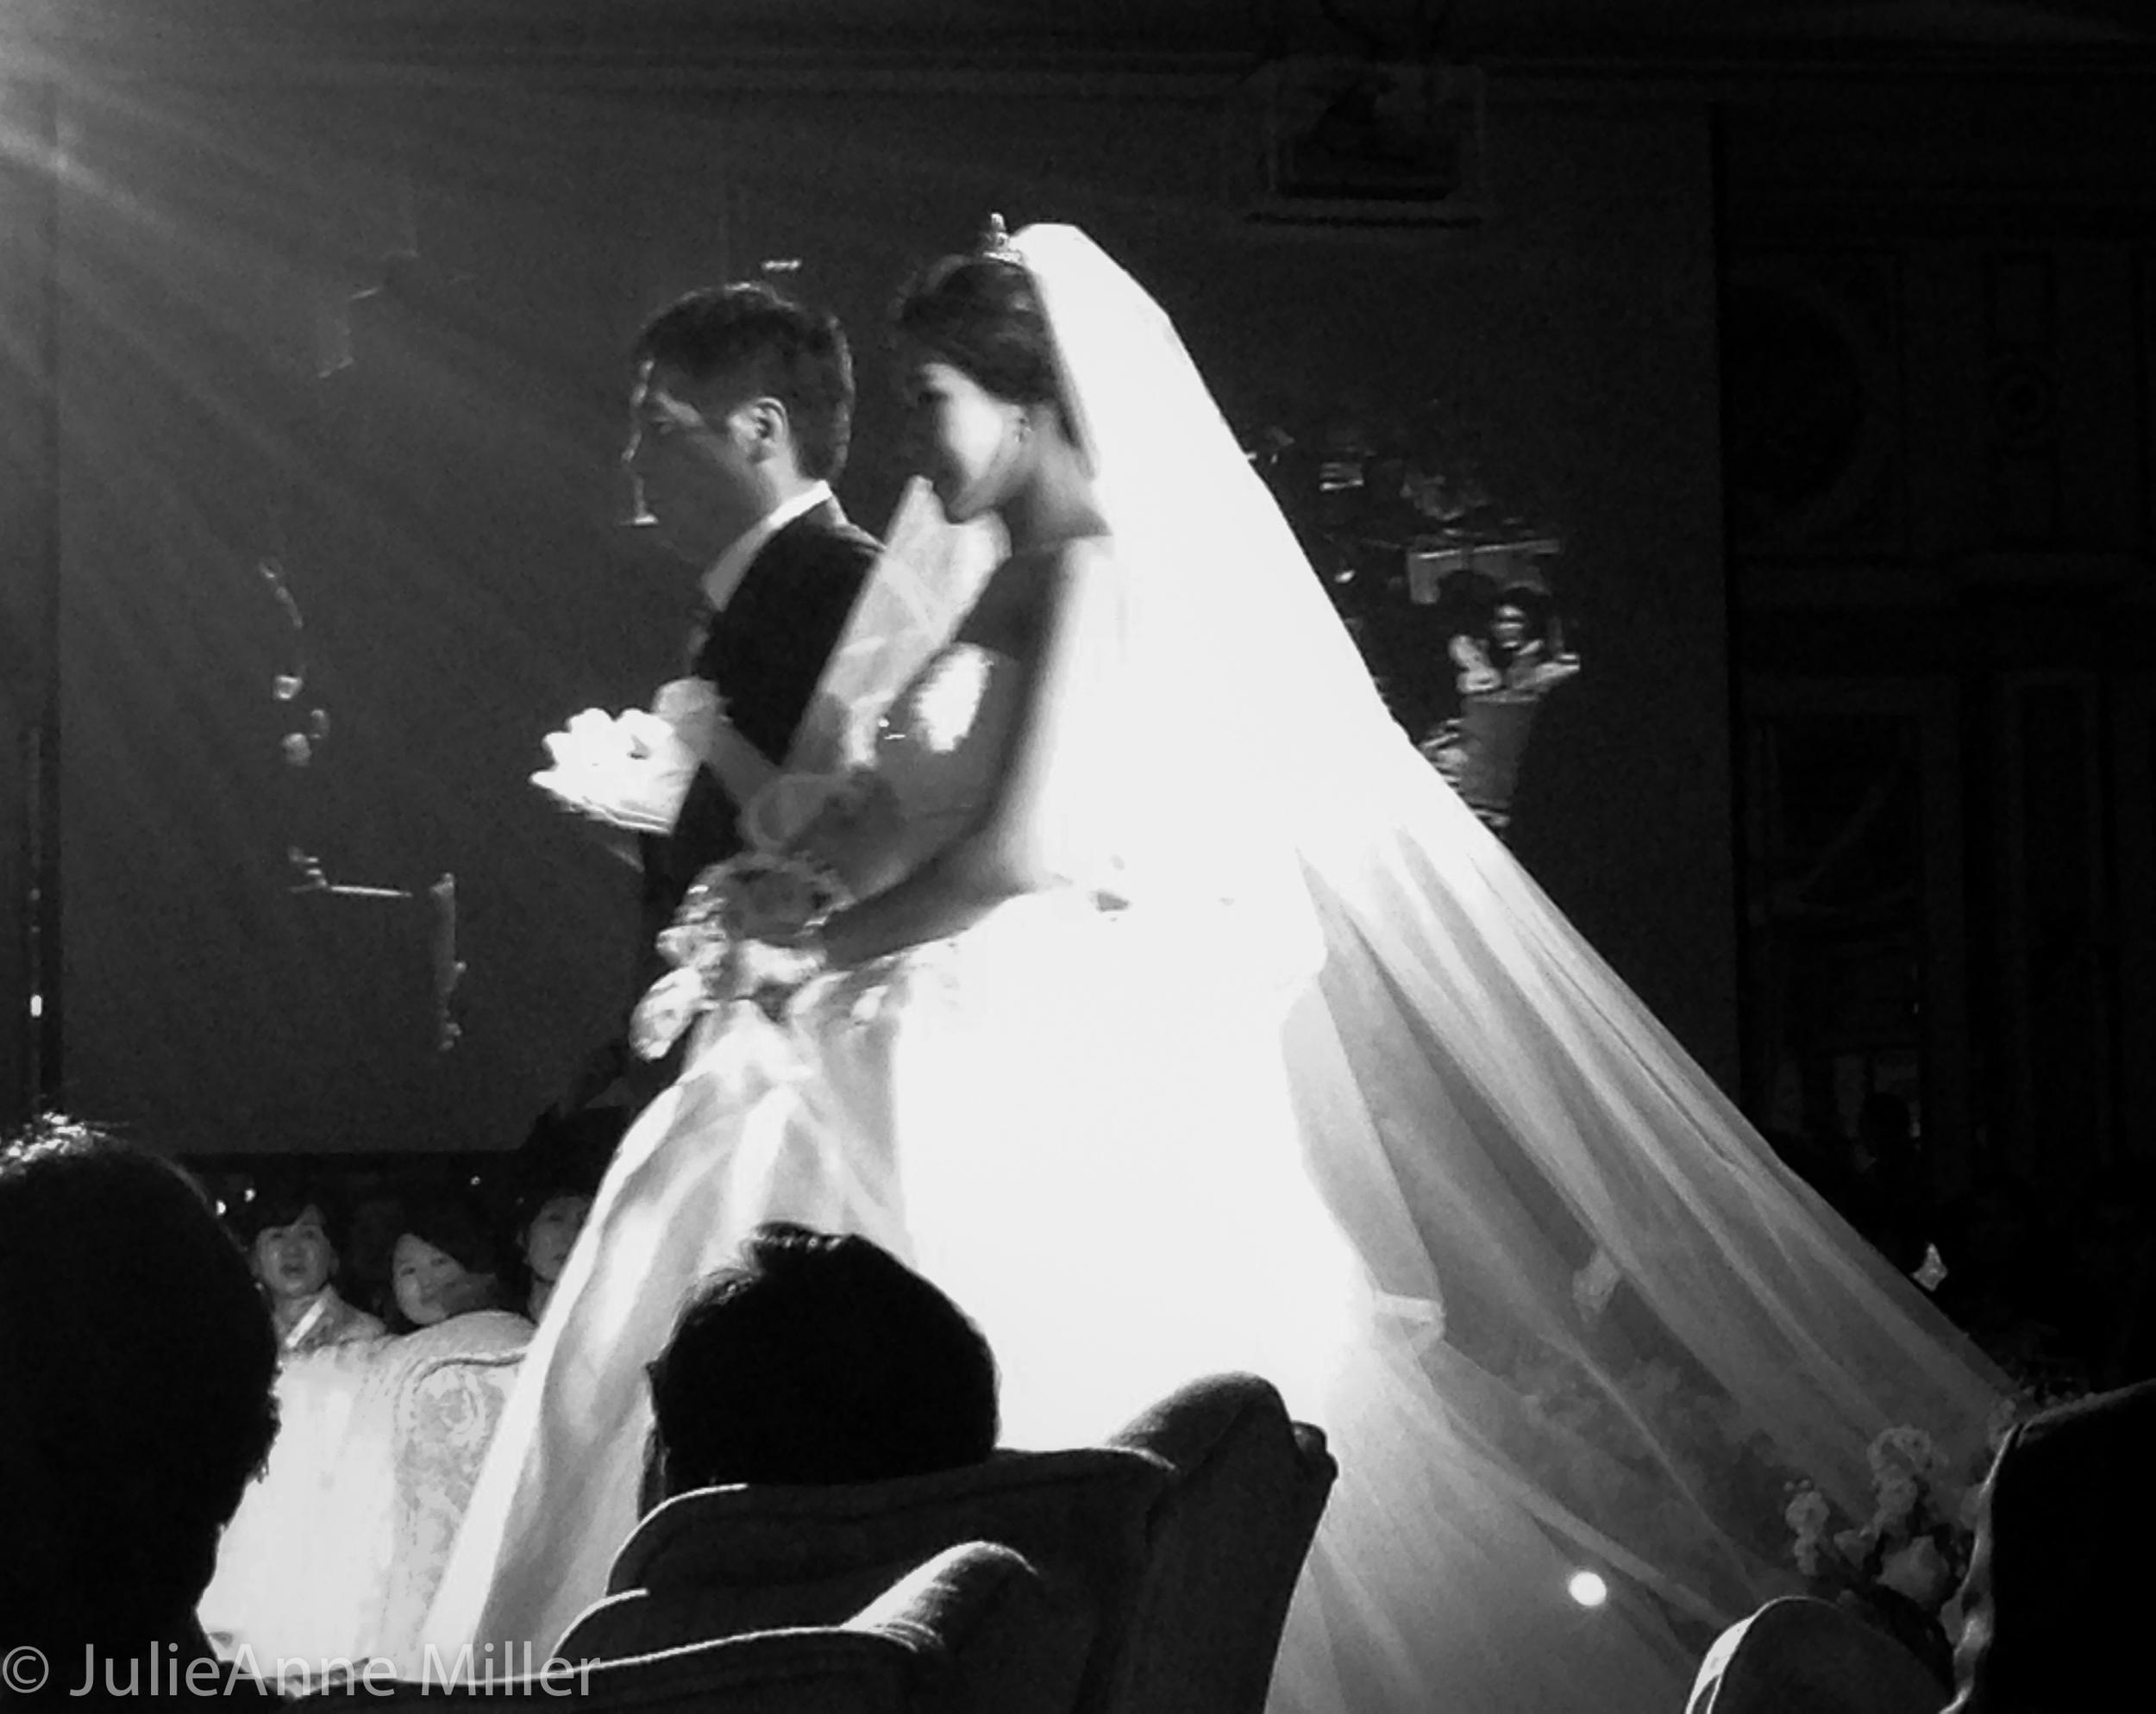 Korean bride enters